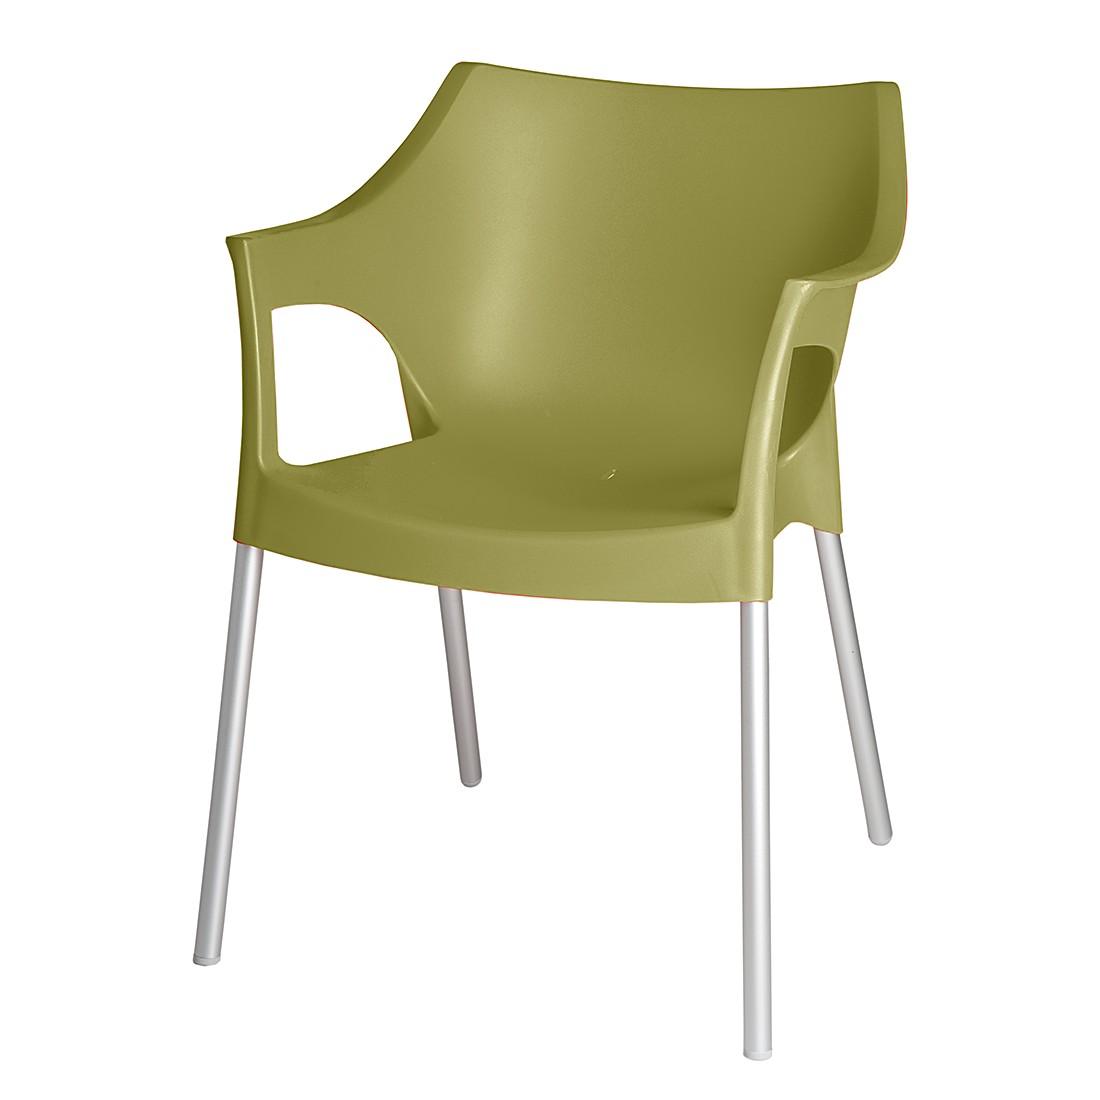 Stapelstuhl Pole (2er Set) – Kunststoff/Aluminium – Olivgrün/Chromfarben, Blanke Design günstig kaufen